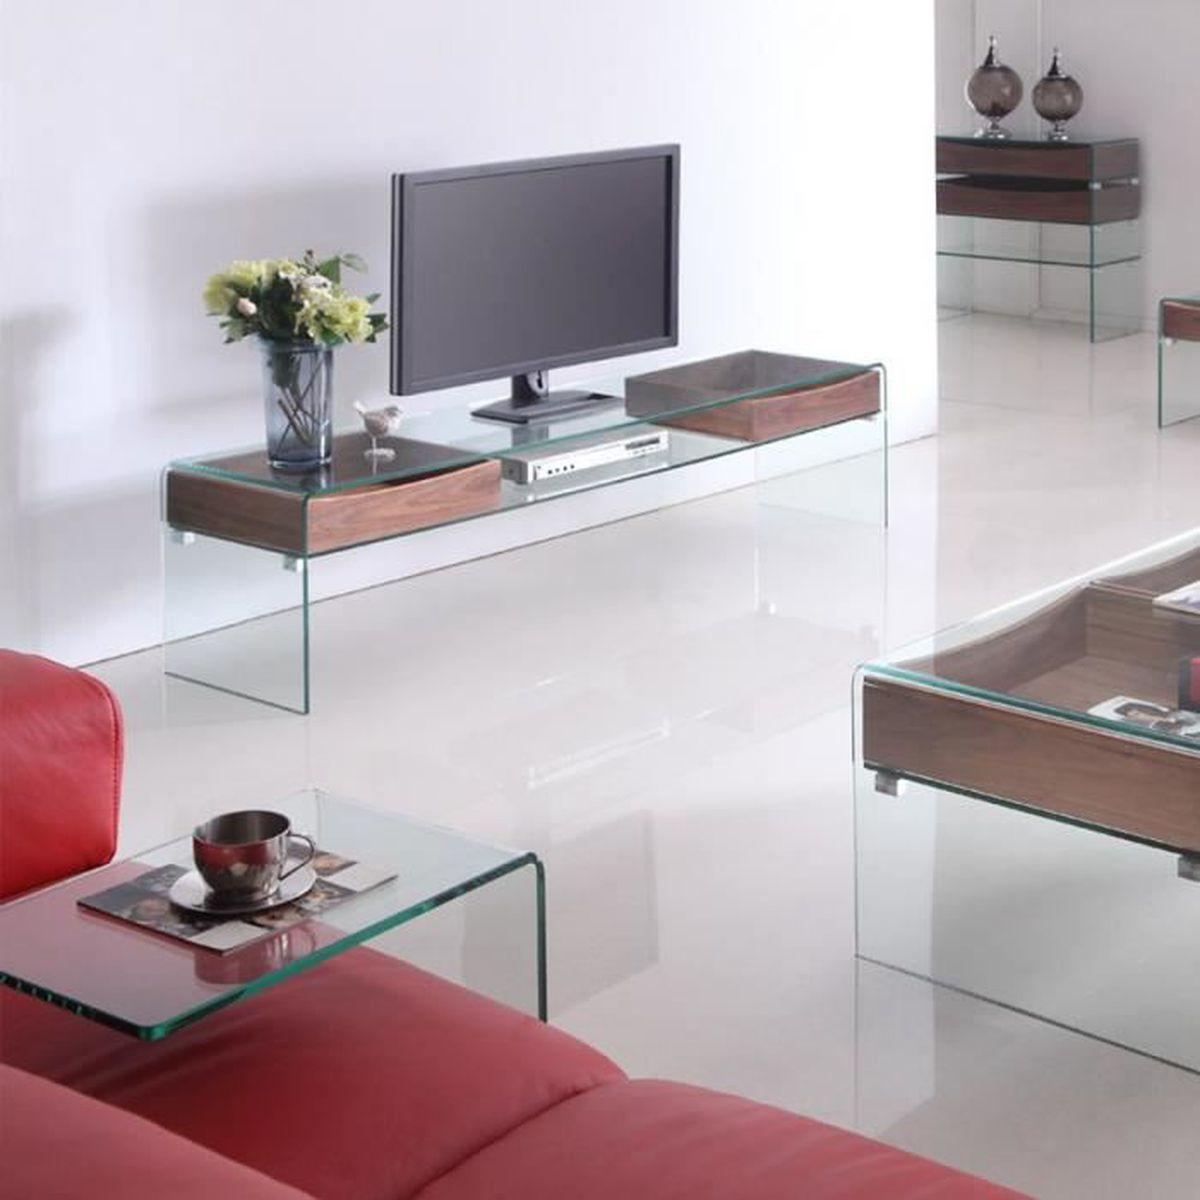 Meuble t l glasswood en verre et bois achat vente for Meuble tele en verre